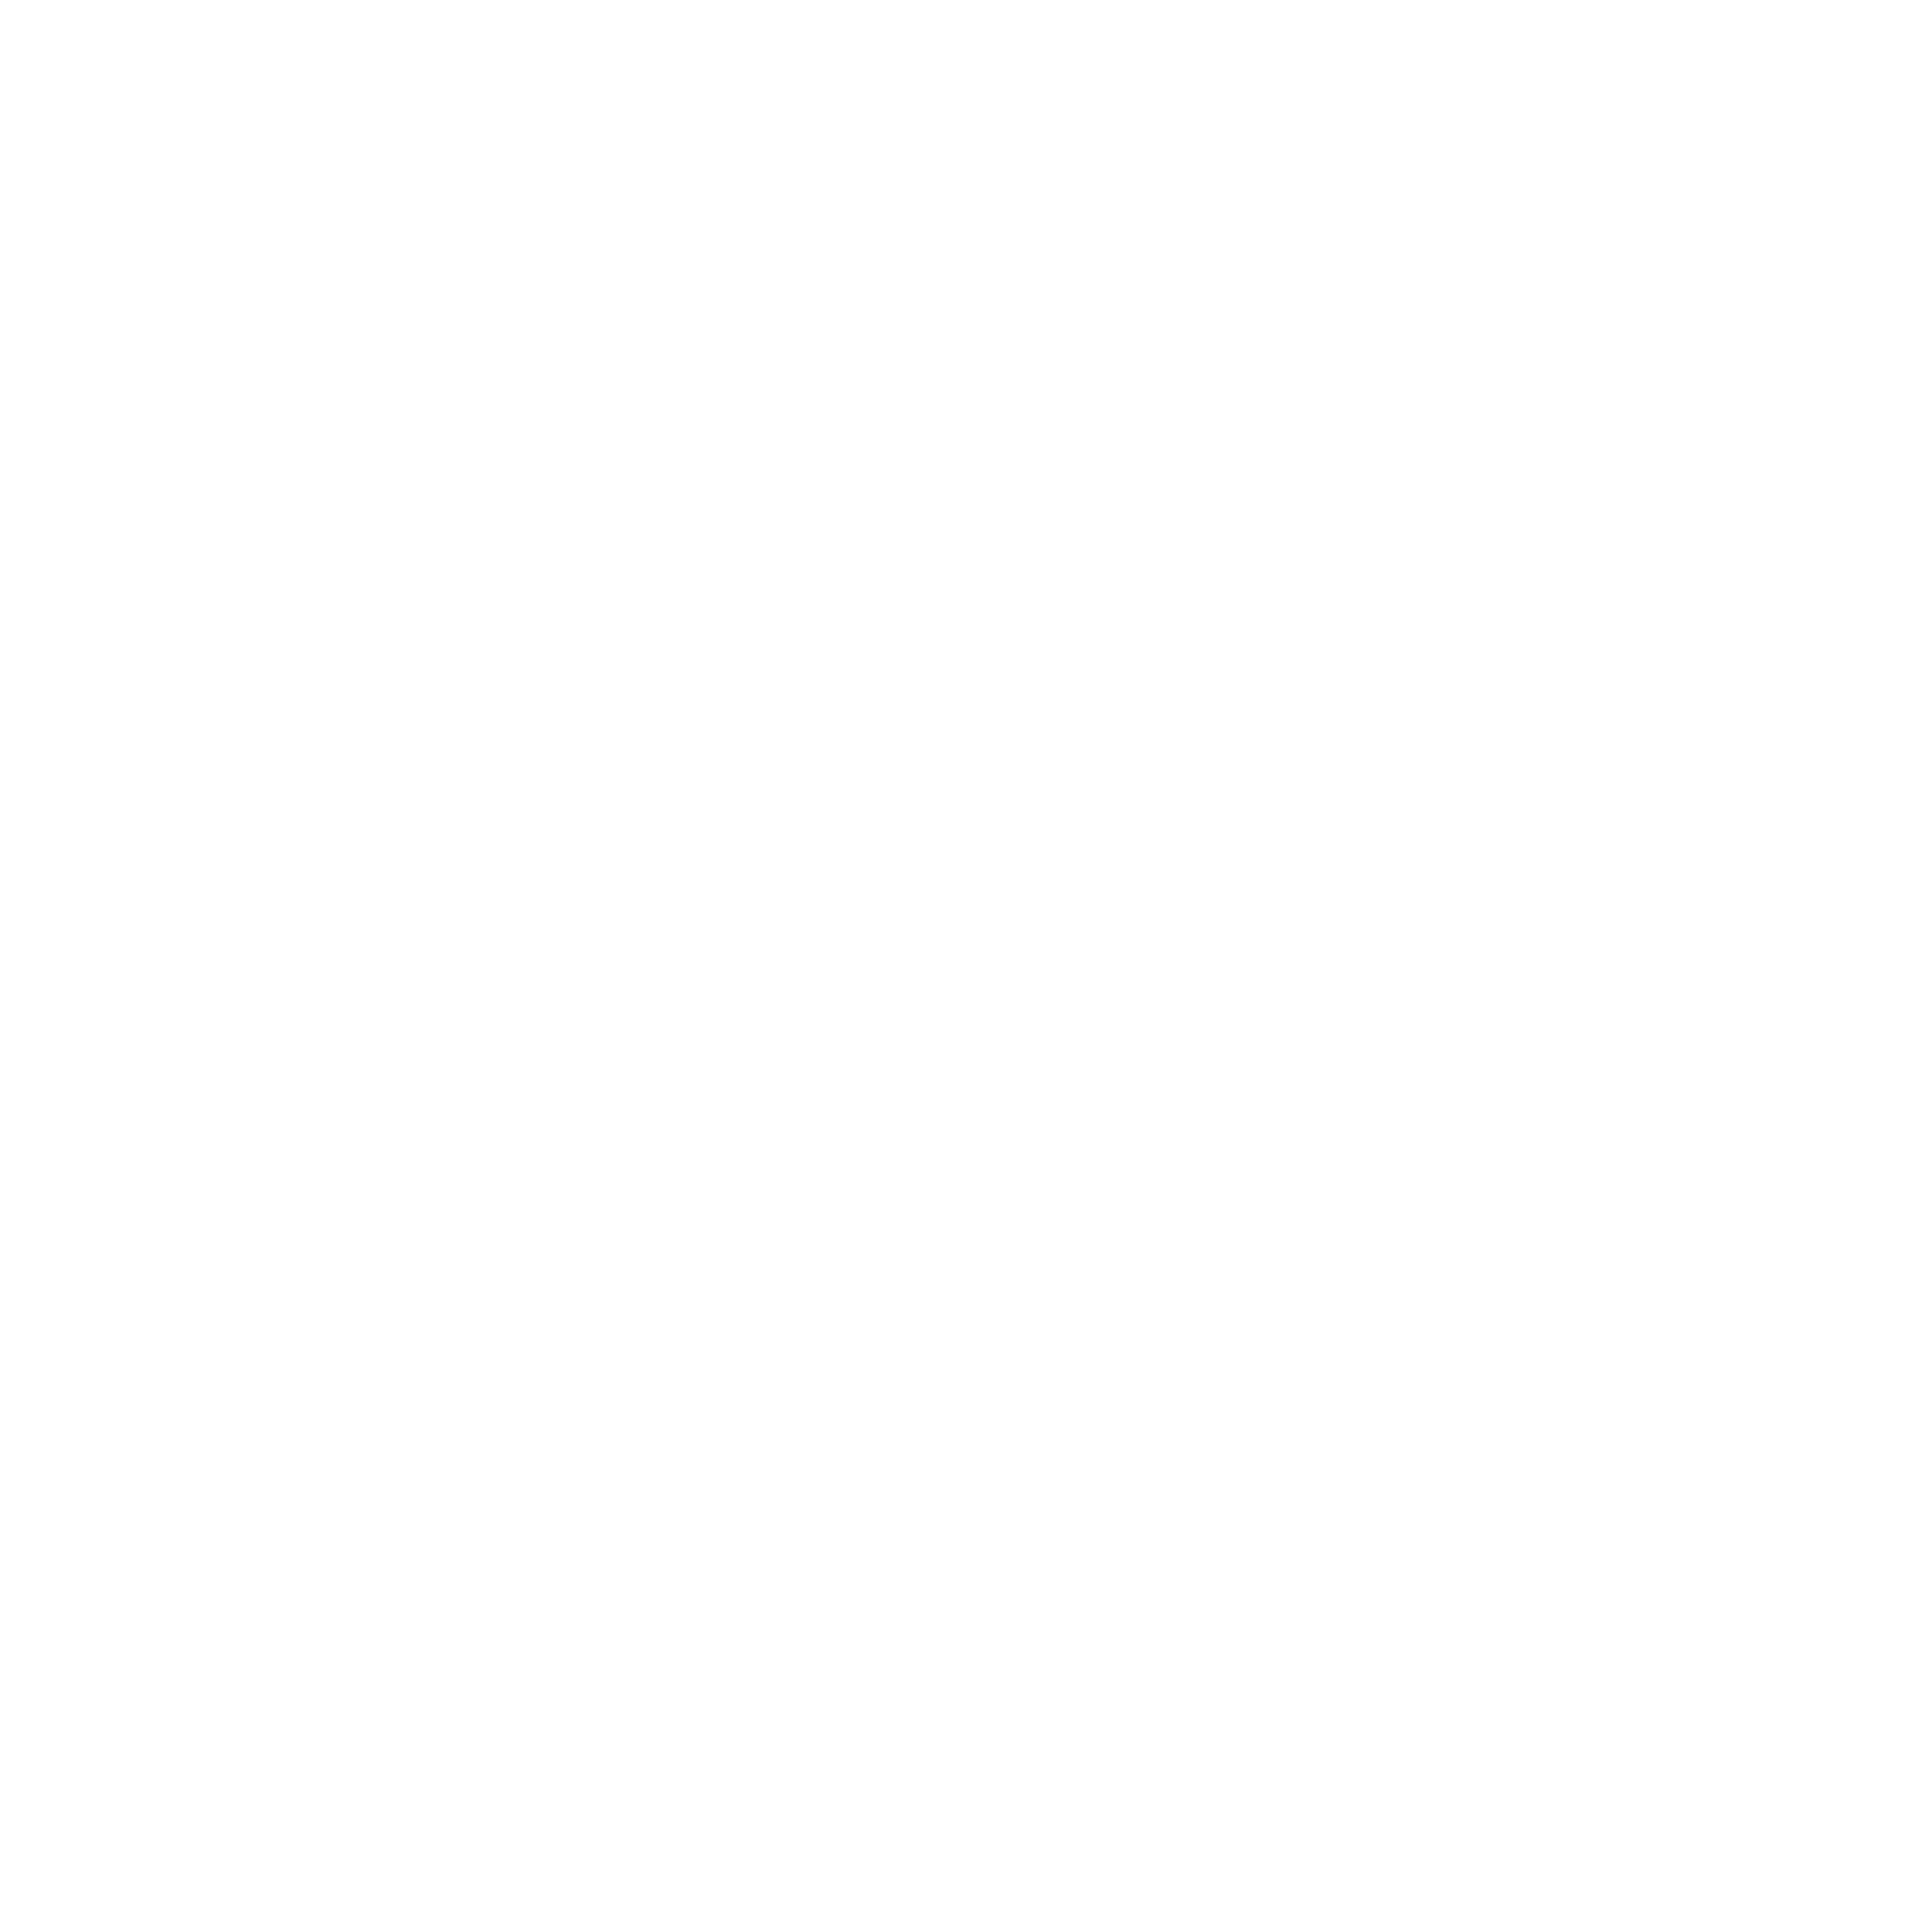 Thomas & Lord